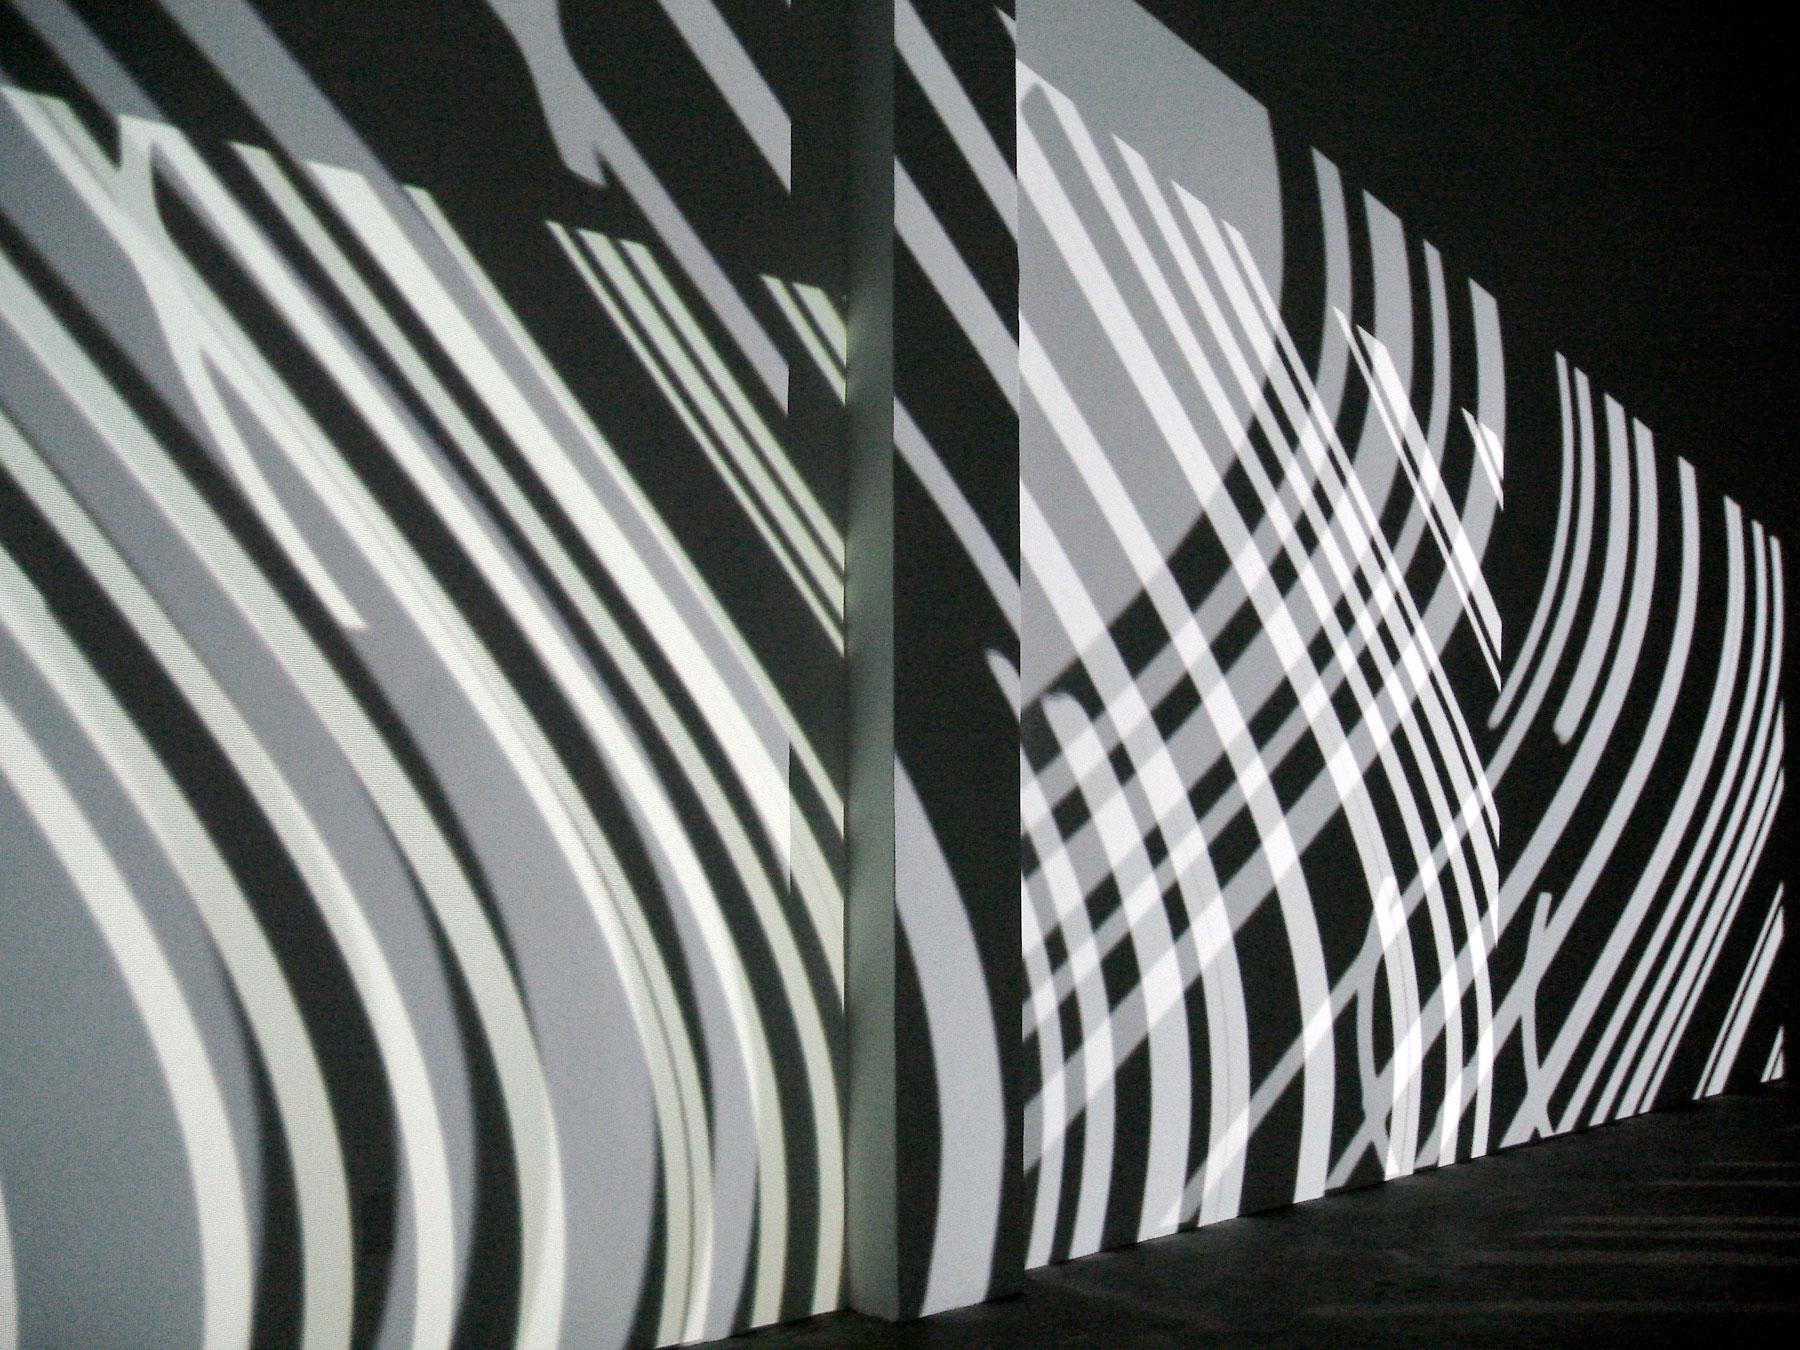 Serpentine, 2007,00:19:30 minute loop,b/w, no audio,h 14 x l 25 x w 10 feet,four video projections, plexiglass